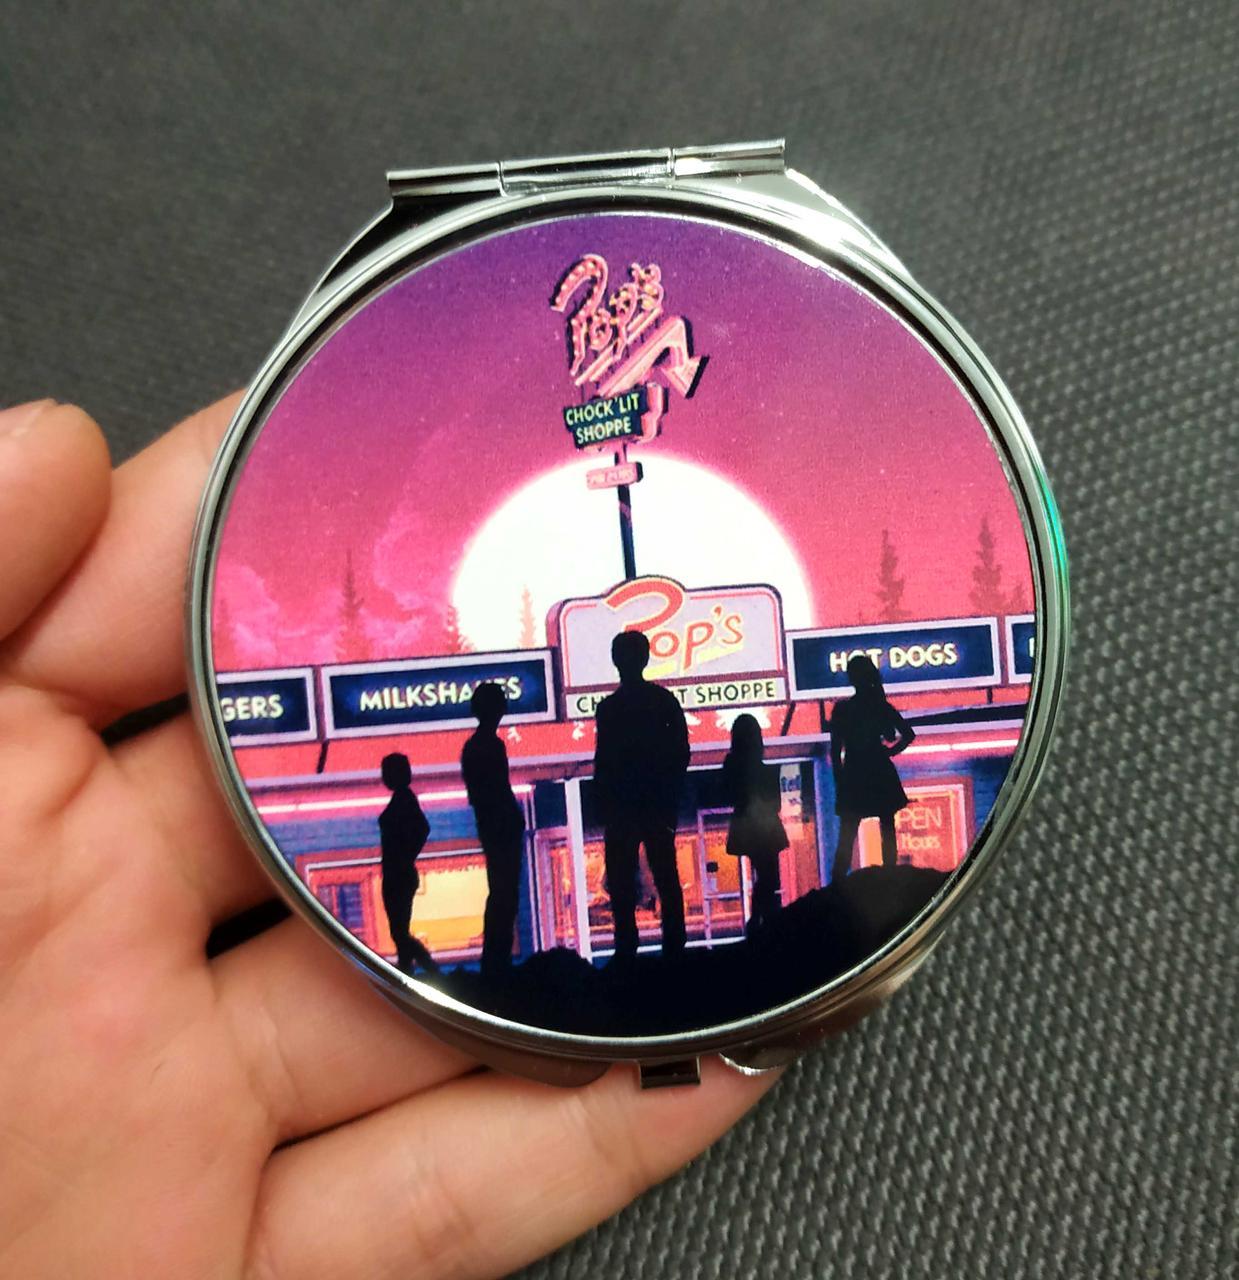 Складное карманное зеркальце Ривердэйл  Pop's / Riverdale